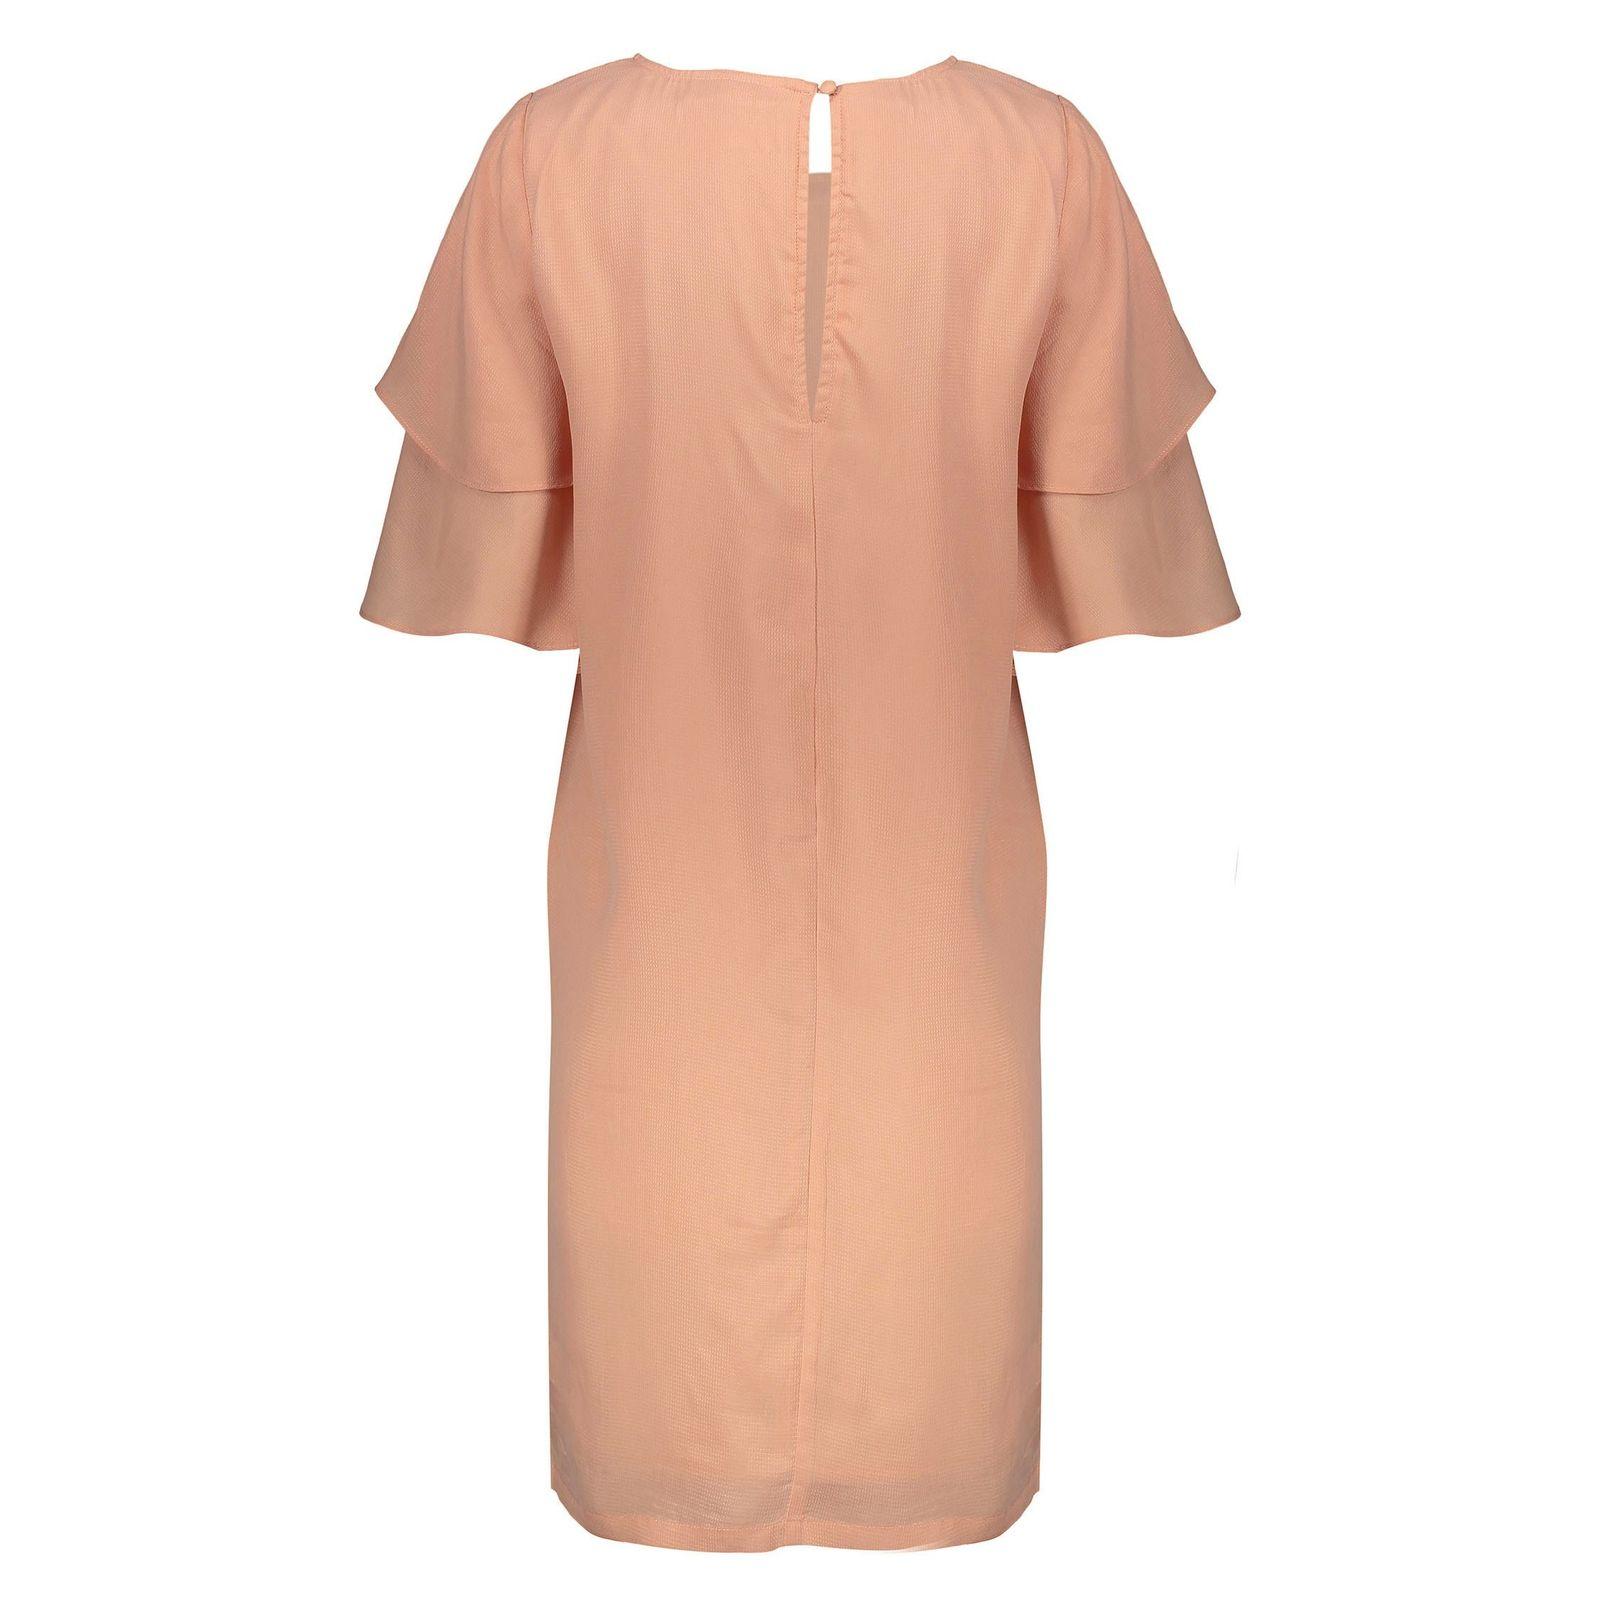 پیراهن کوتاه زنانه - مینیموم - صورتي - 2